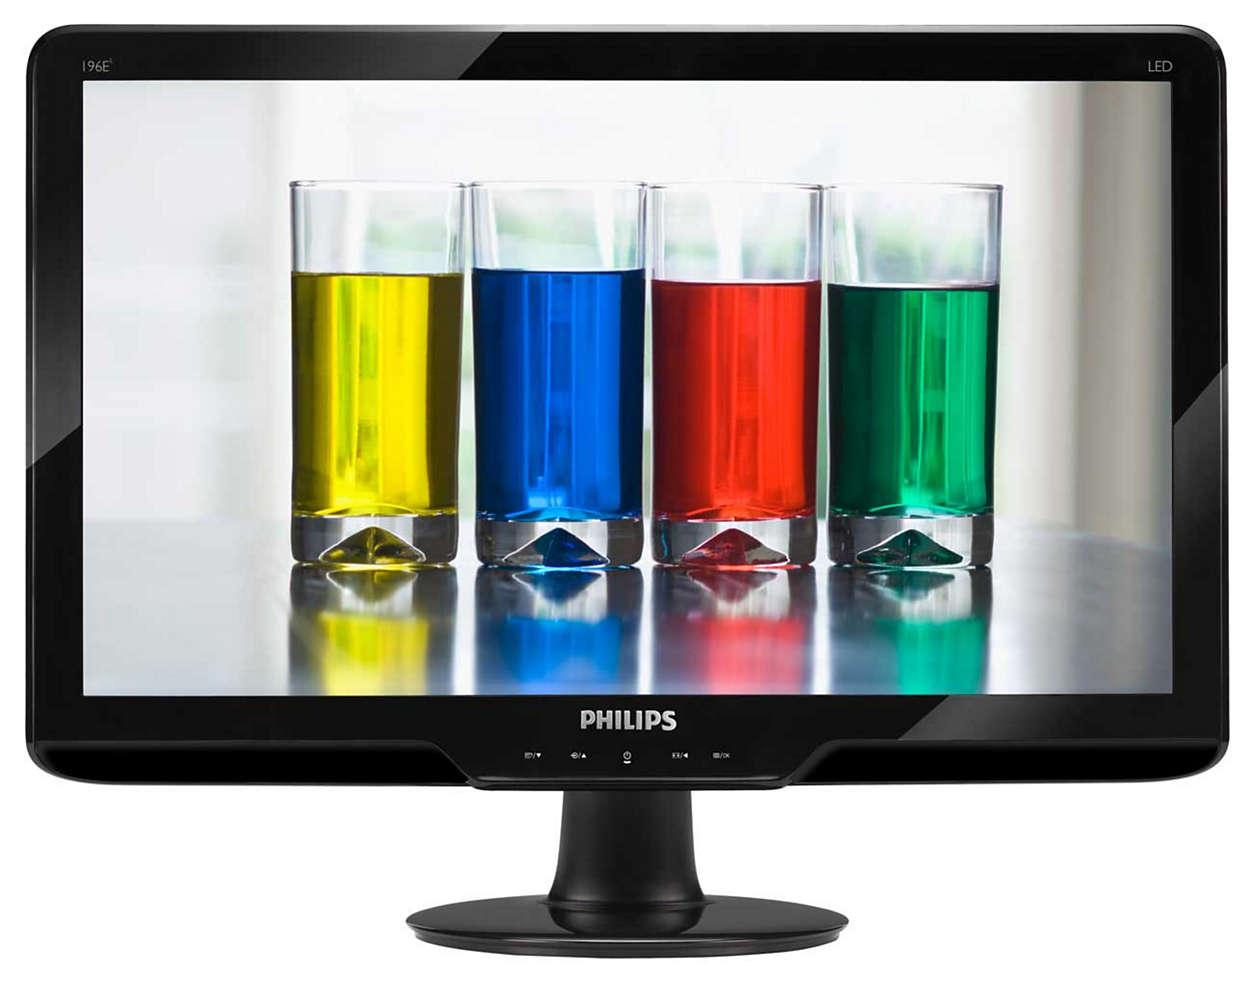 จอแสดงผล LED สวยหรู ให้สีเป็นธรรมชาติ